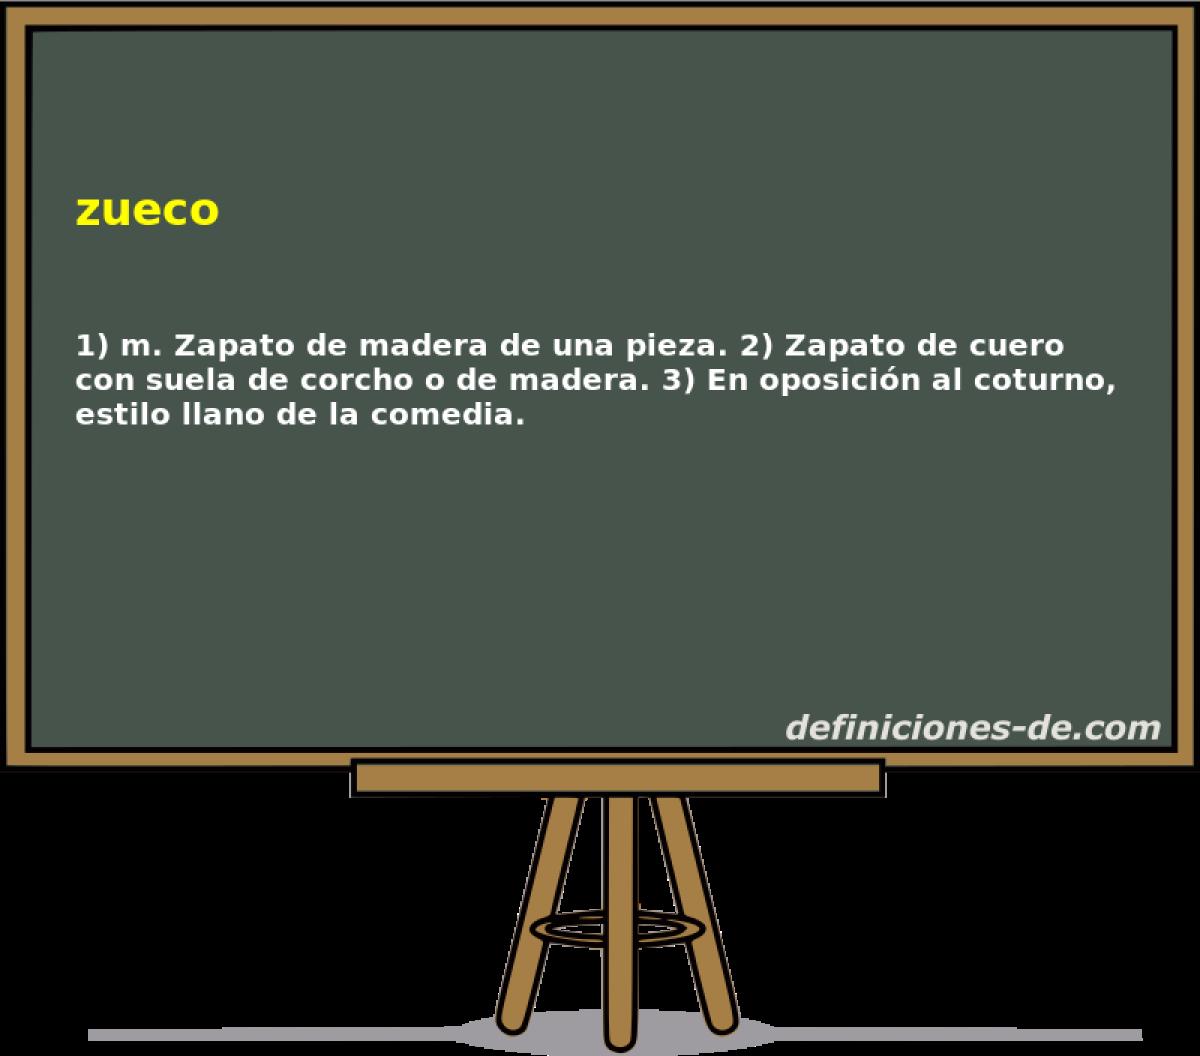 Zueco | Significado de zueco